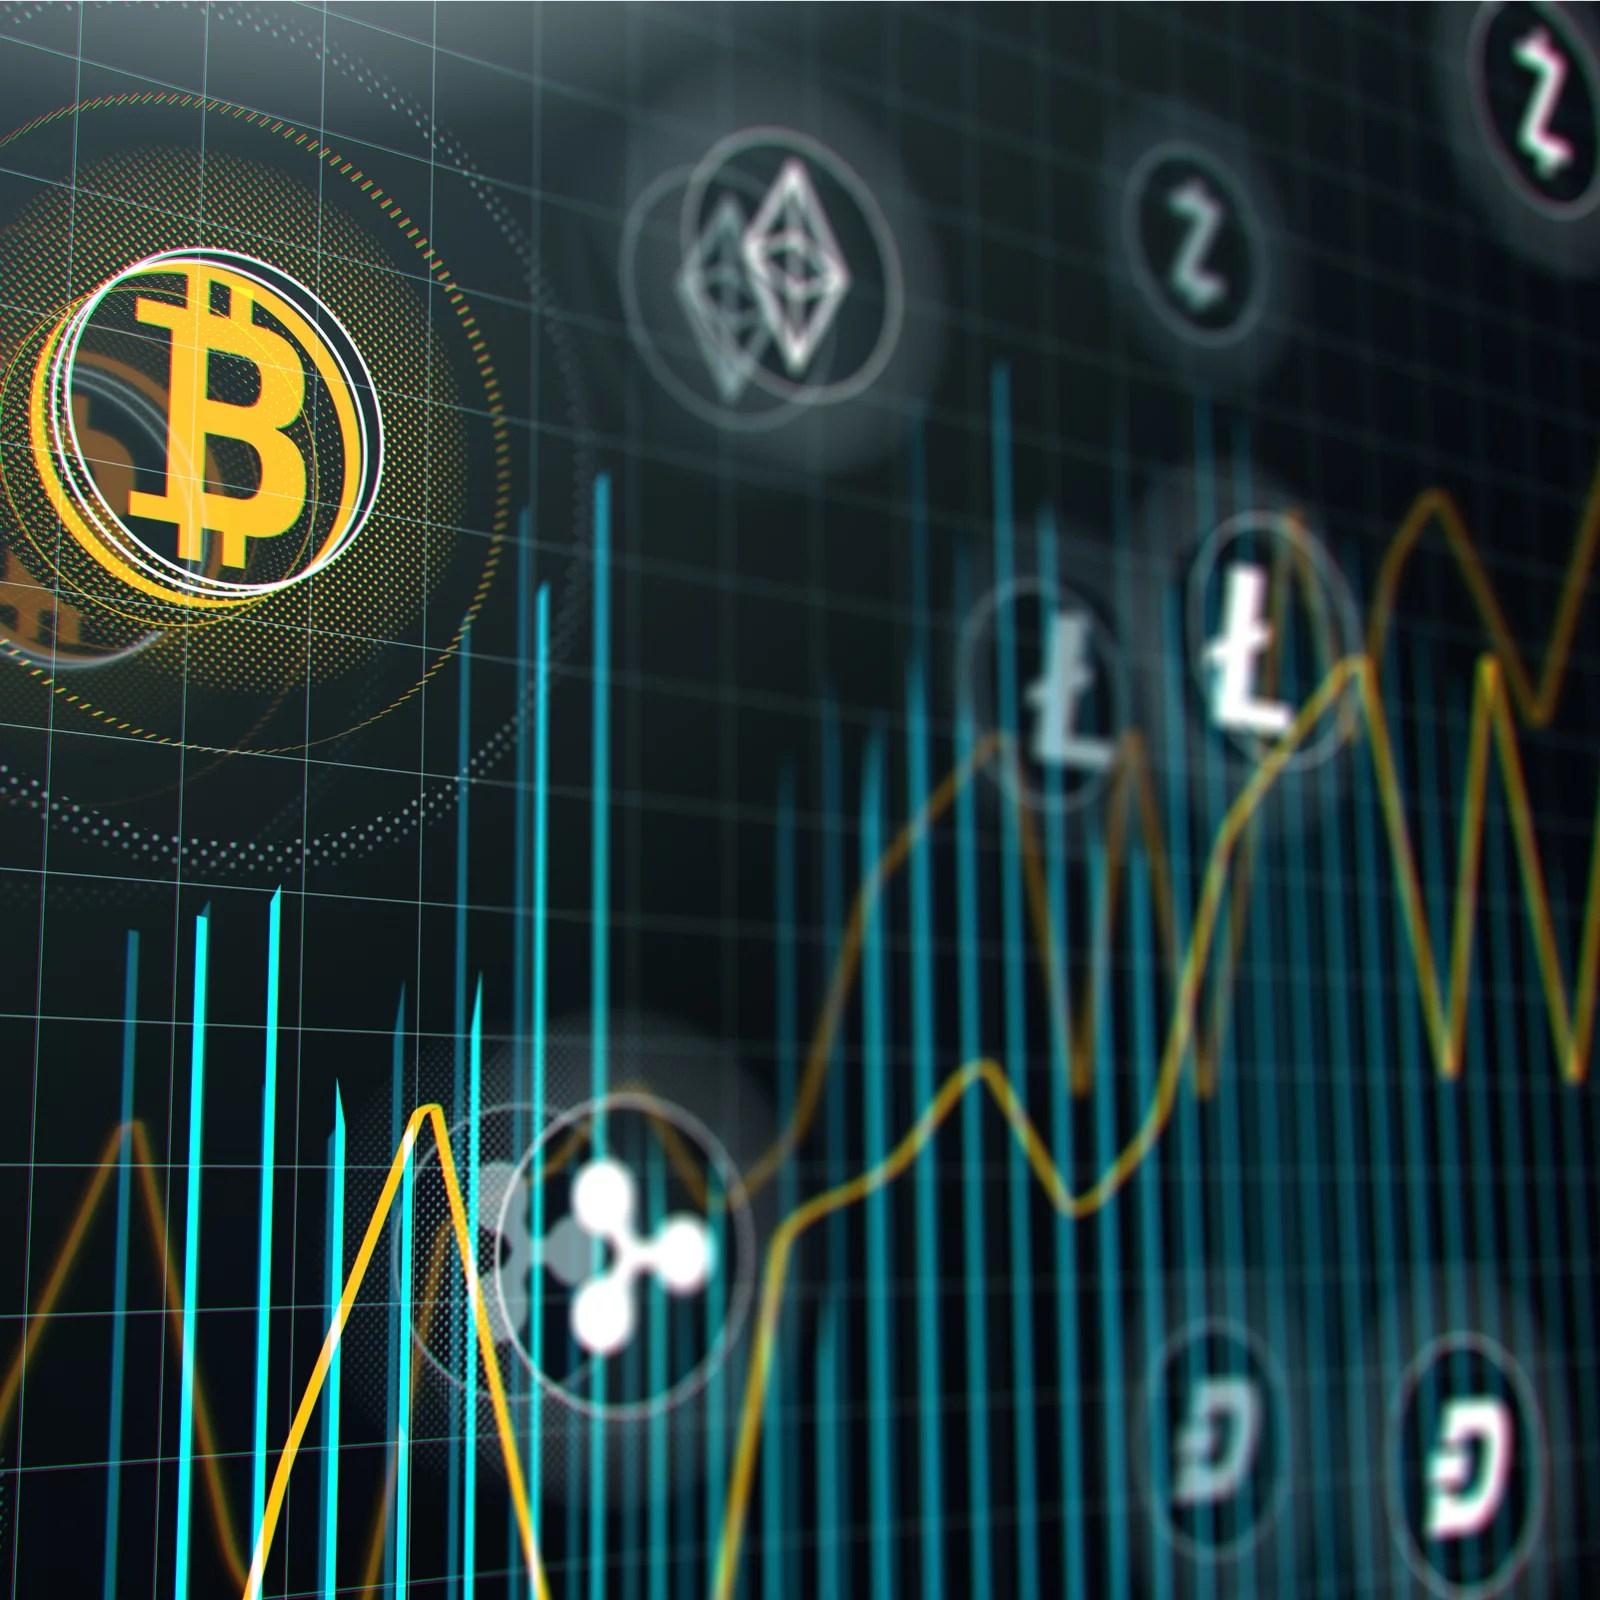 Reguladores británicos sienten menos presión para tomar decisiones luego de la caída del Bitcoin en los últimos días